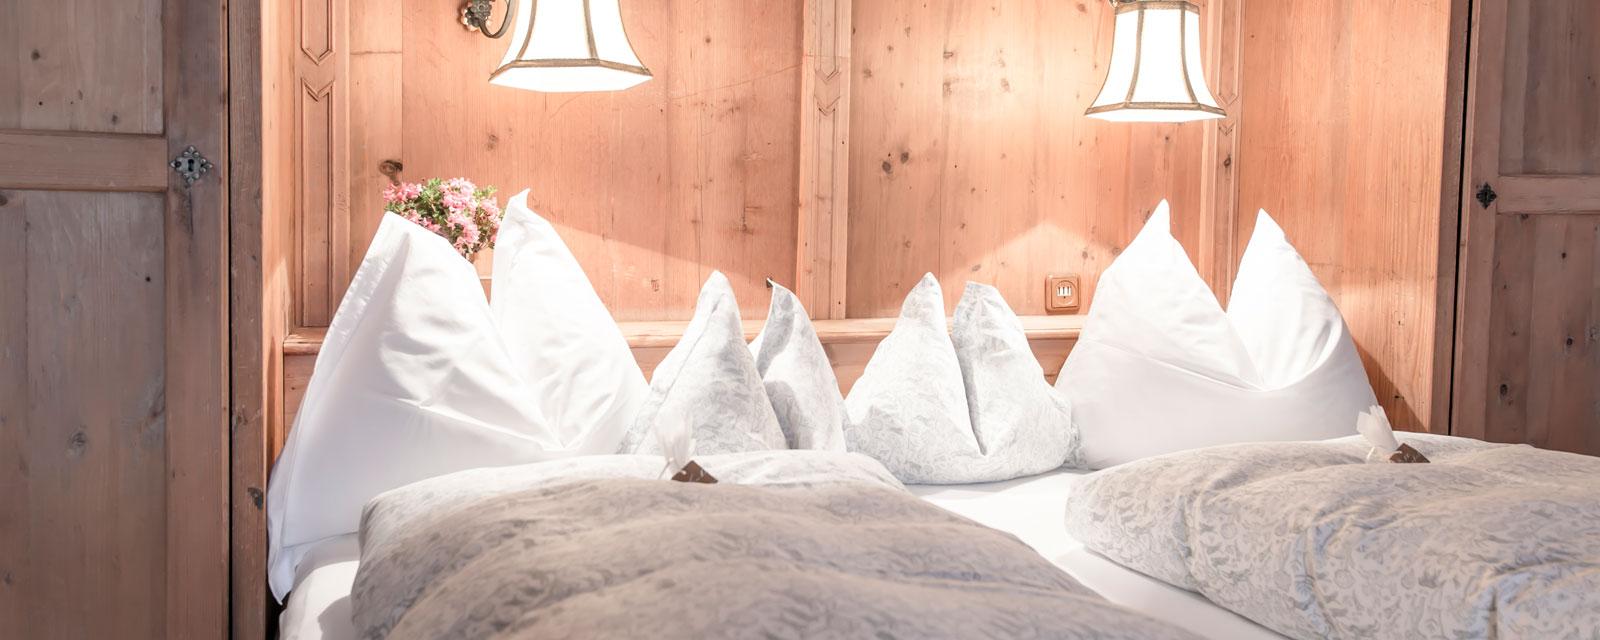 Kissen in der traditionellen Tiroler Stube